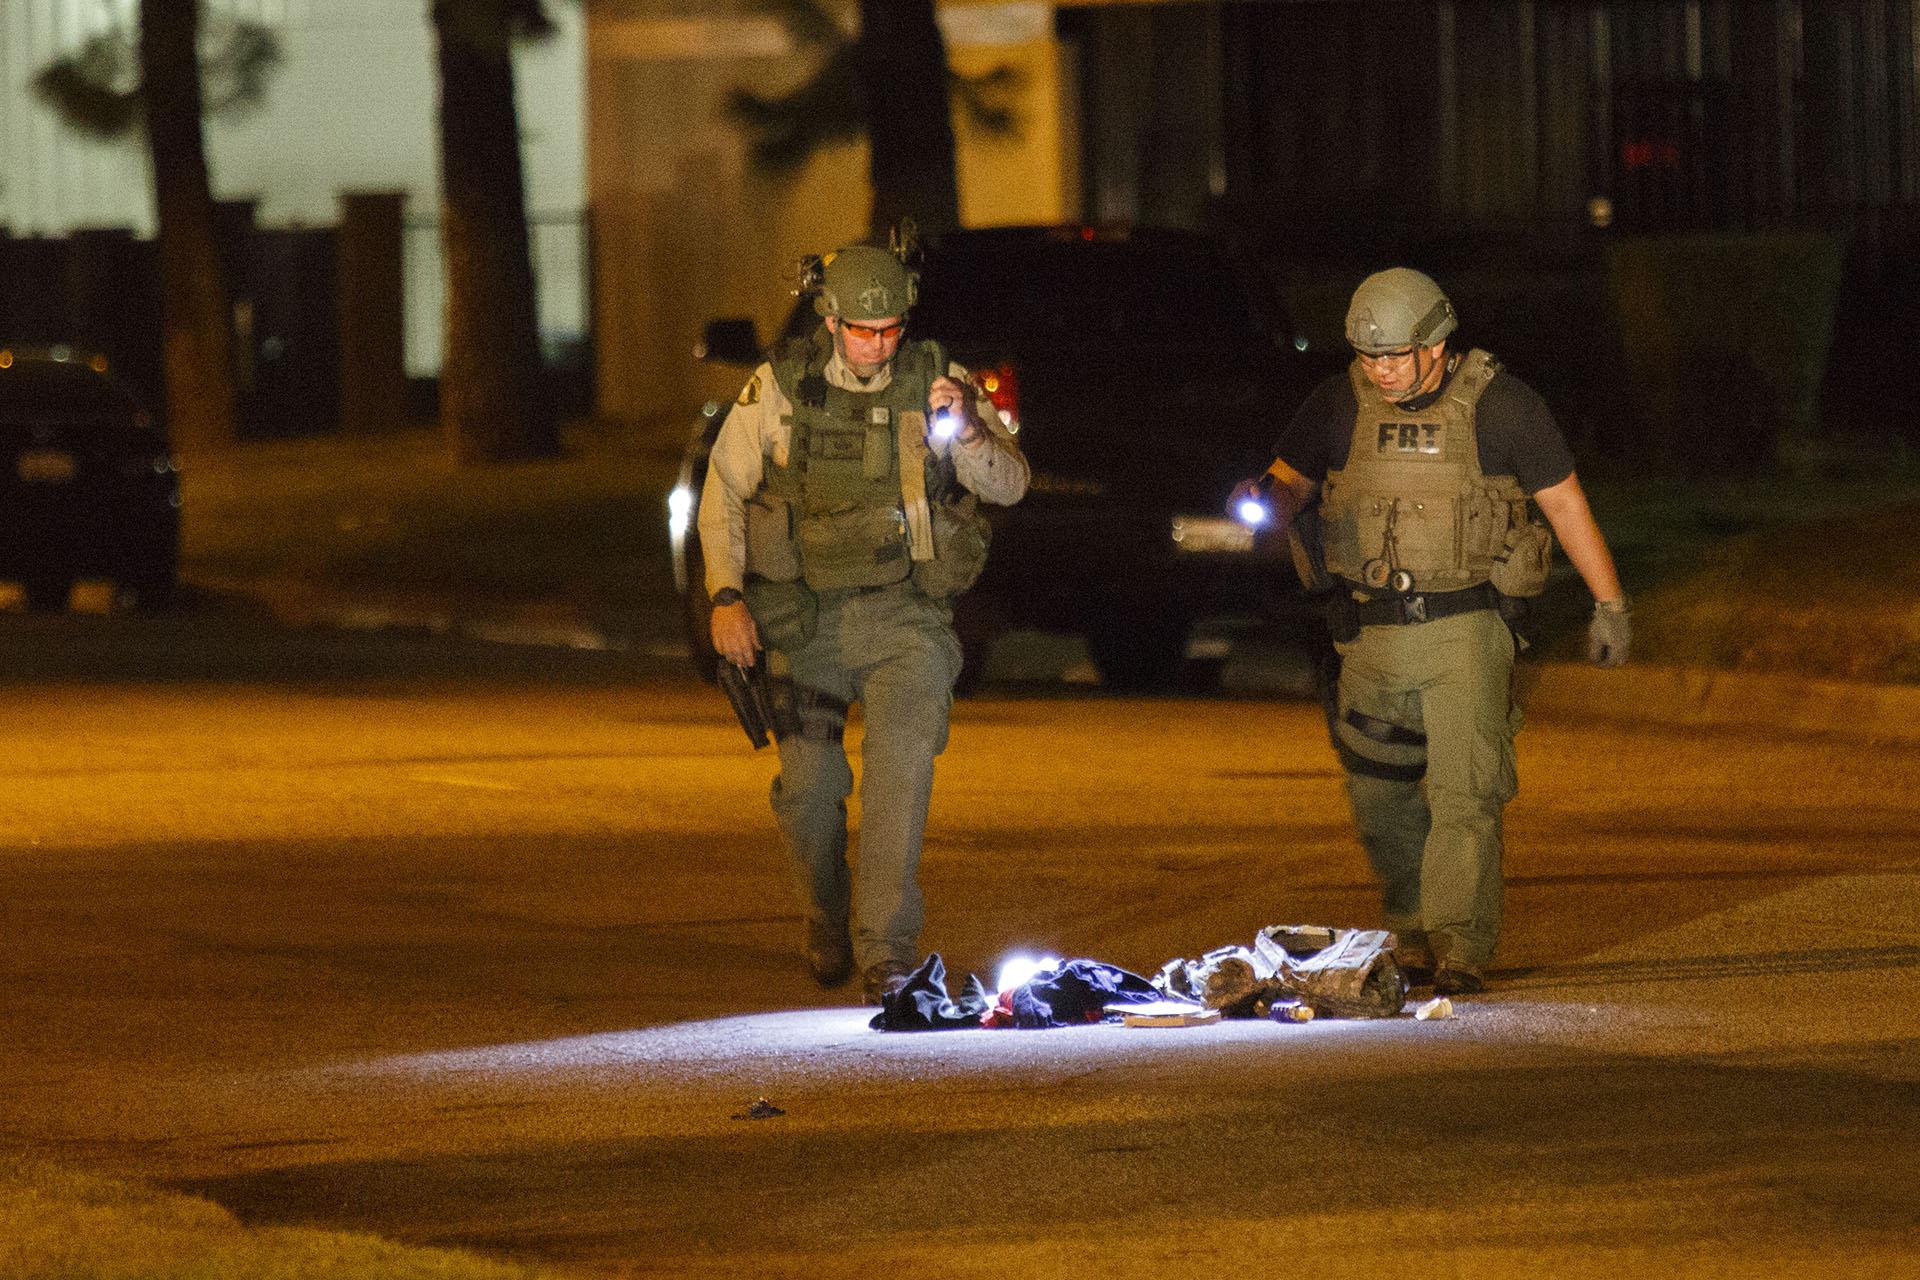 Bombákat és egy rakás lőszert találtak a San Bernardino-i fegyveres támadók lakásán